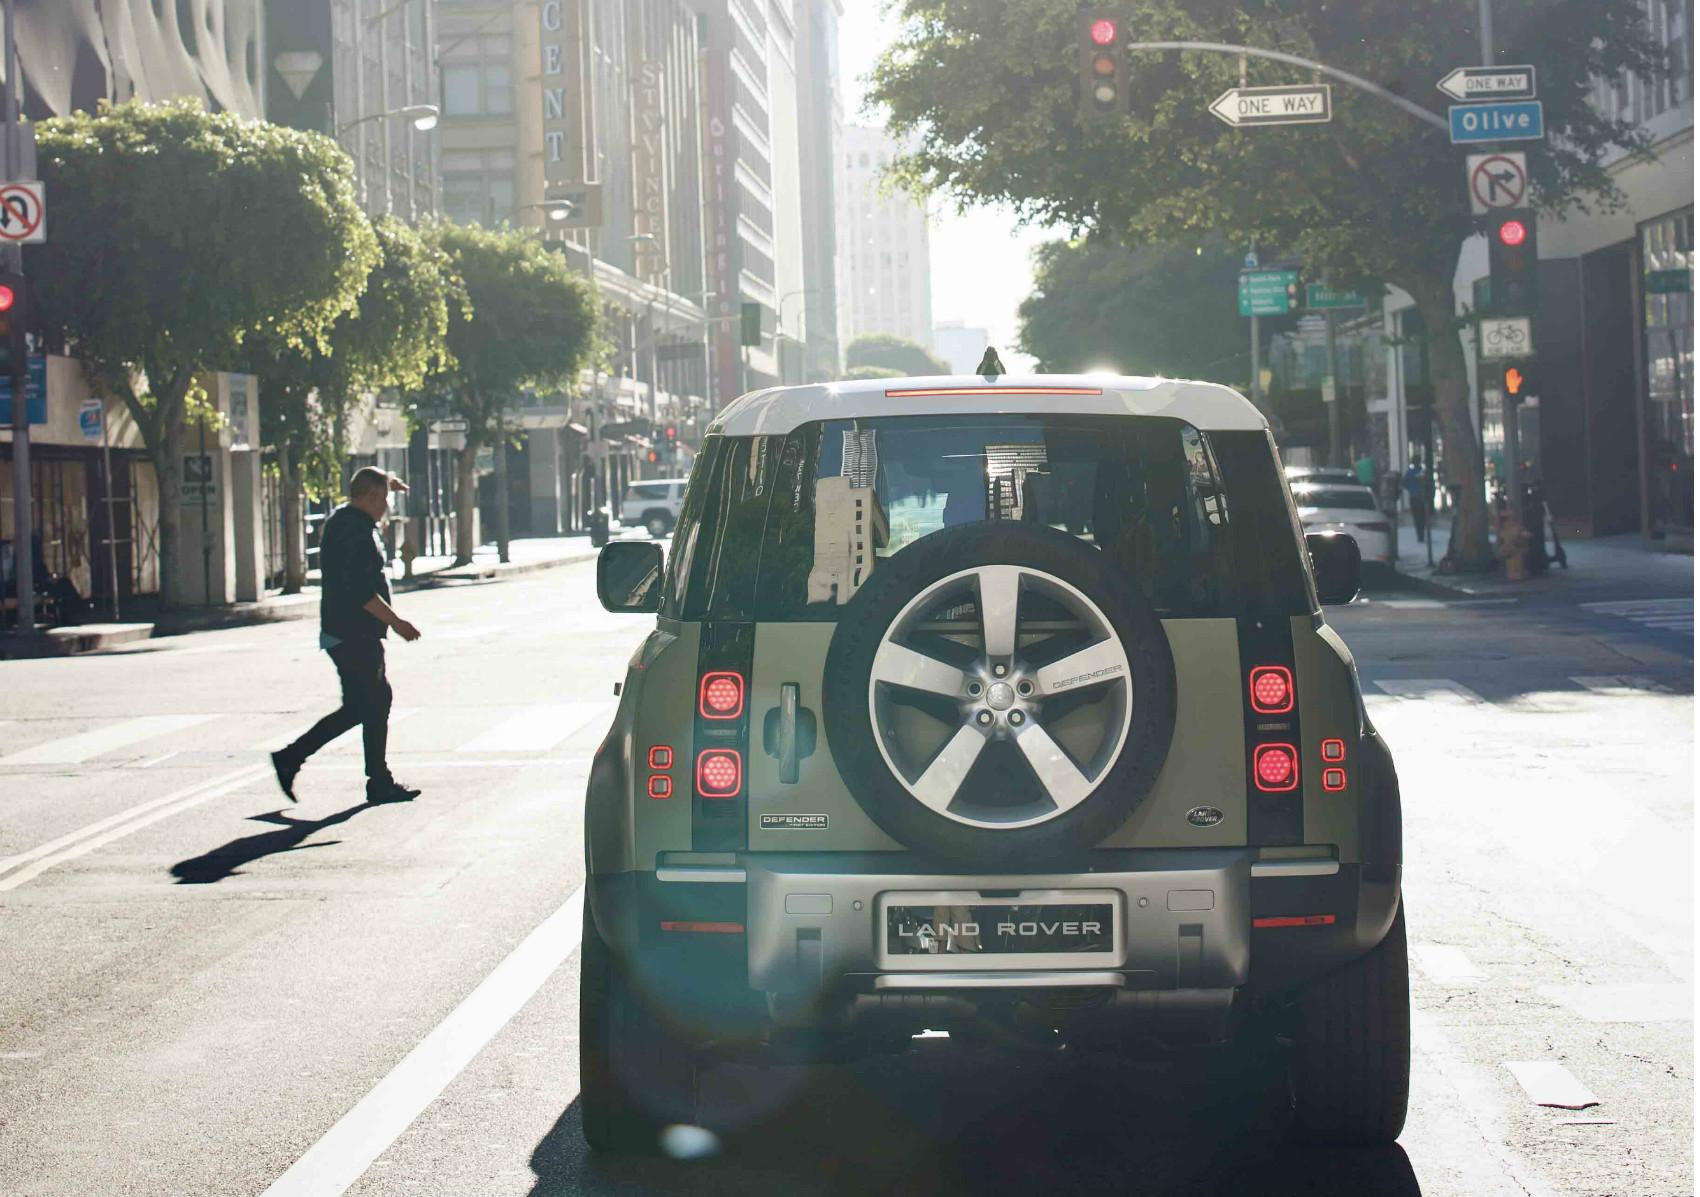 Land Rover Defender mise sur une esthétique moderne, sans perdre son lien avec son prédécesseur